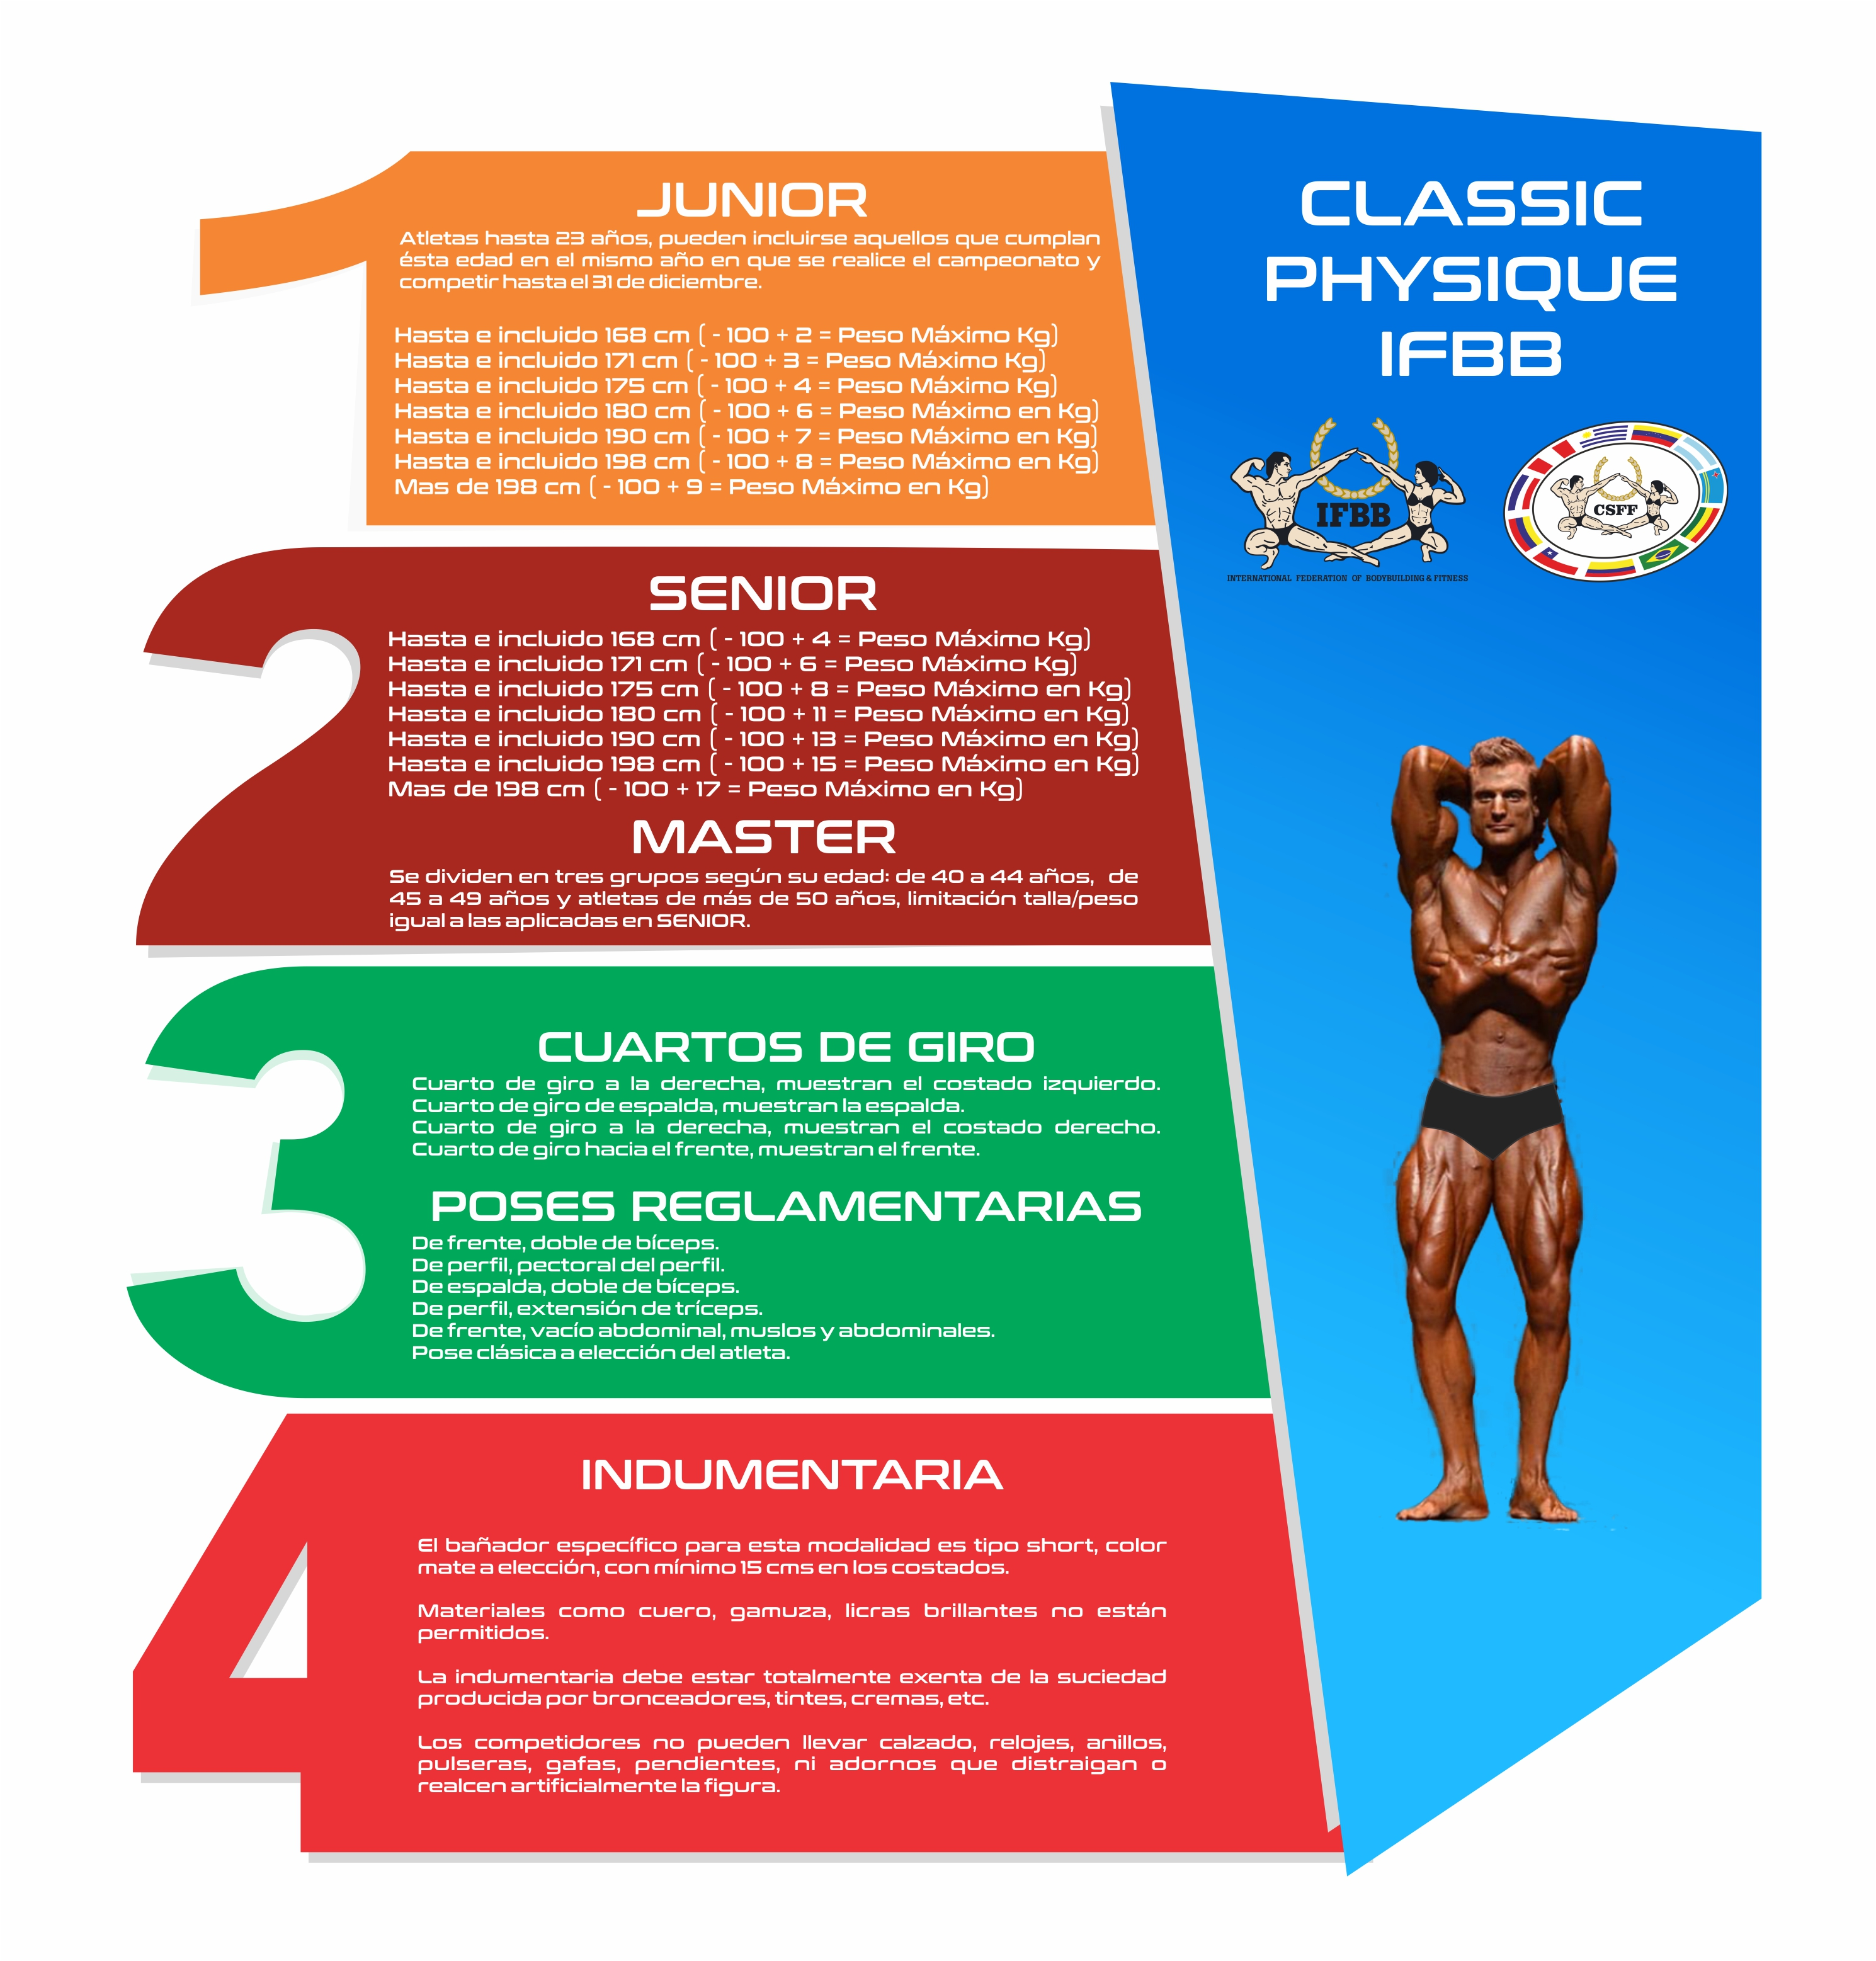 NUEVA MODALIDAD IFBB CLASSIC PHYSIQUE